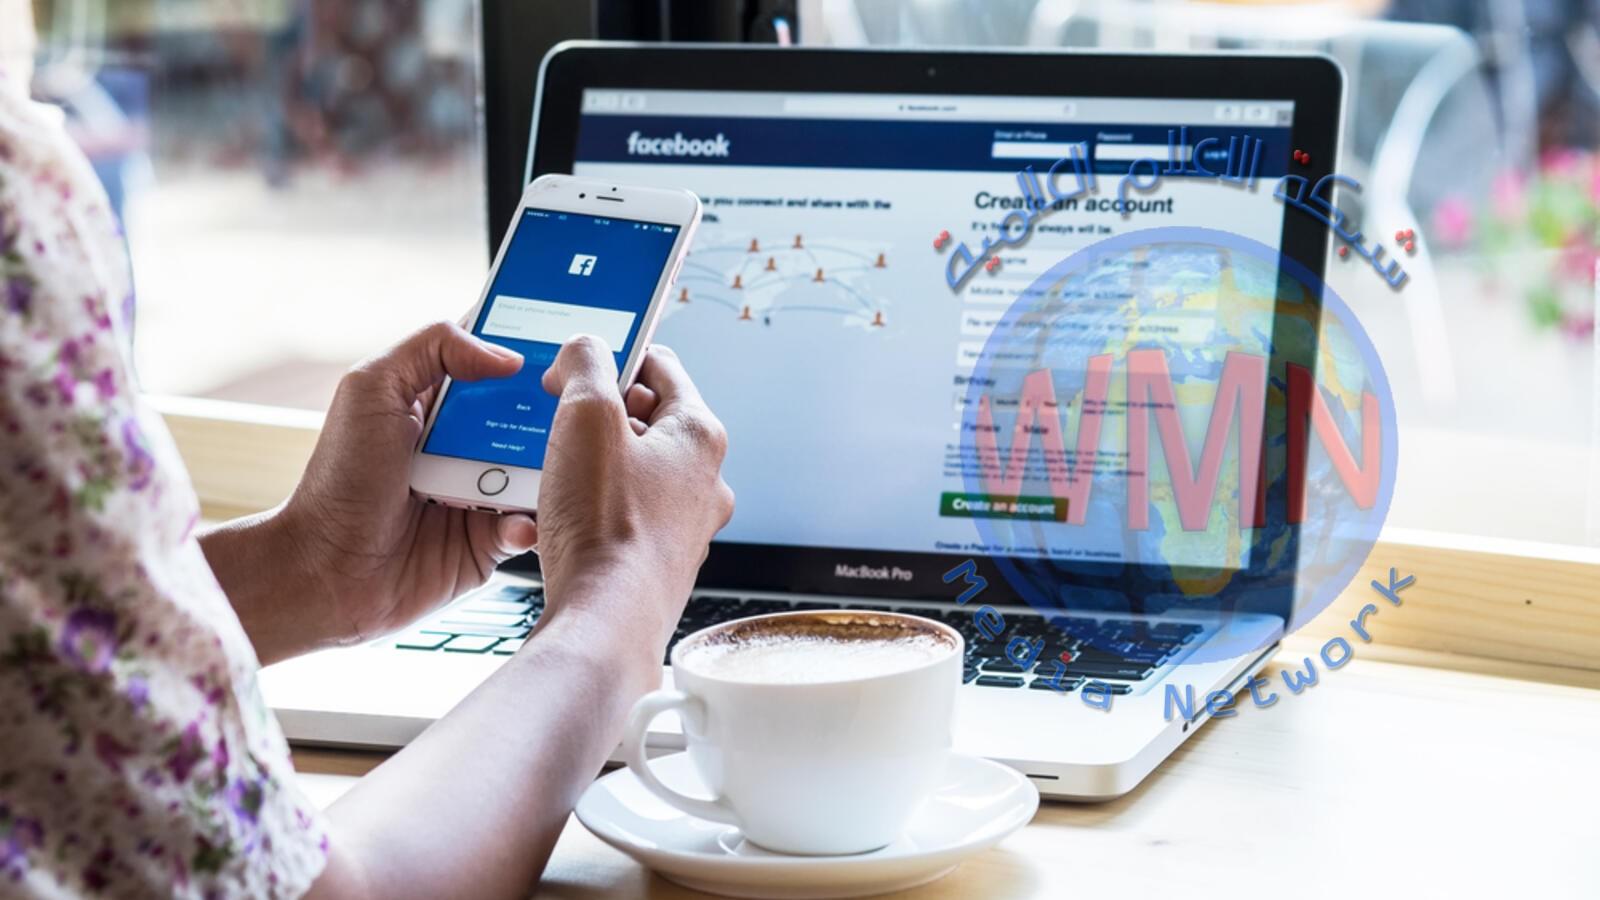 فيسبوك يعتزم إضافة تقنية غير مطلوبة